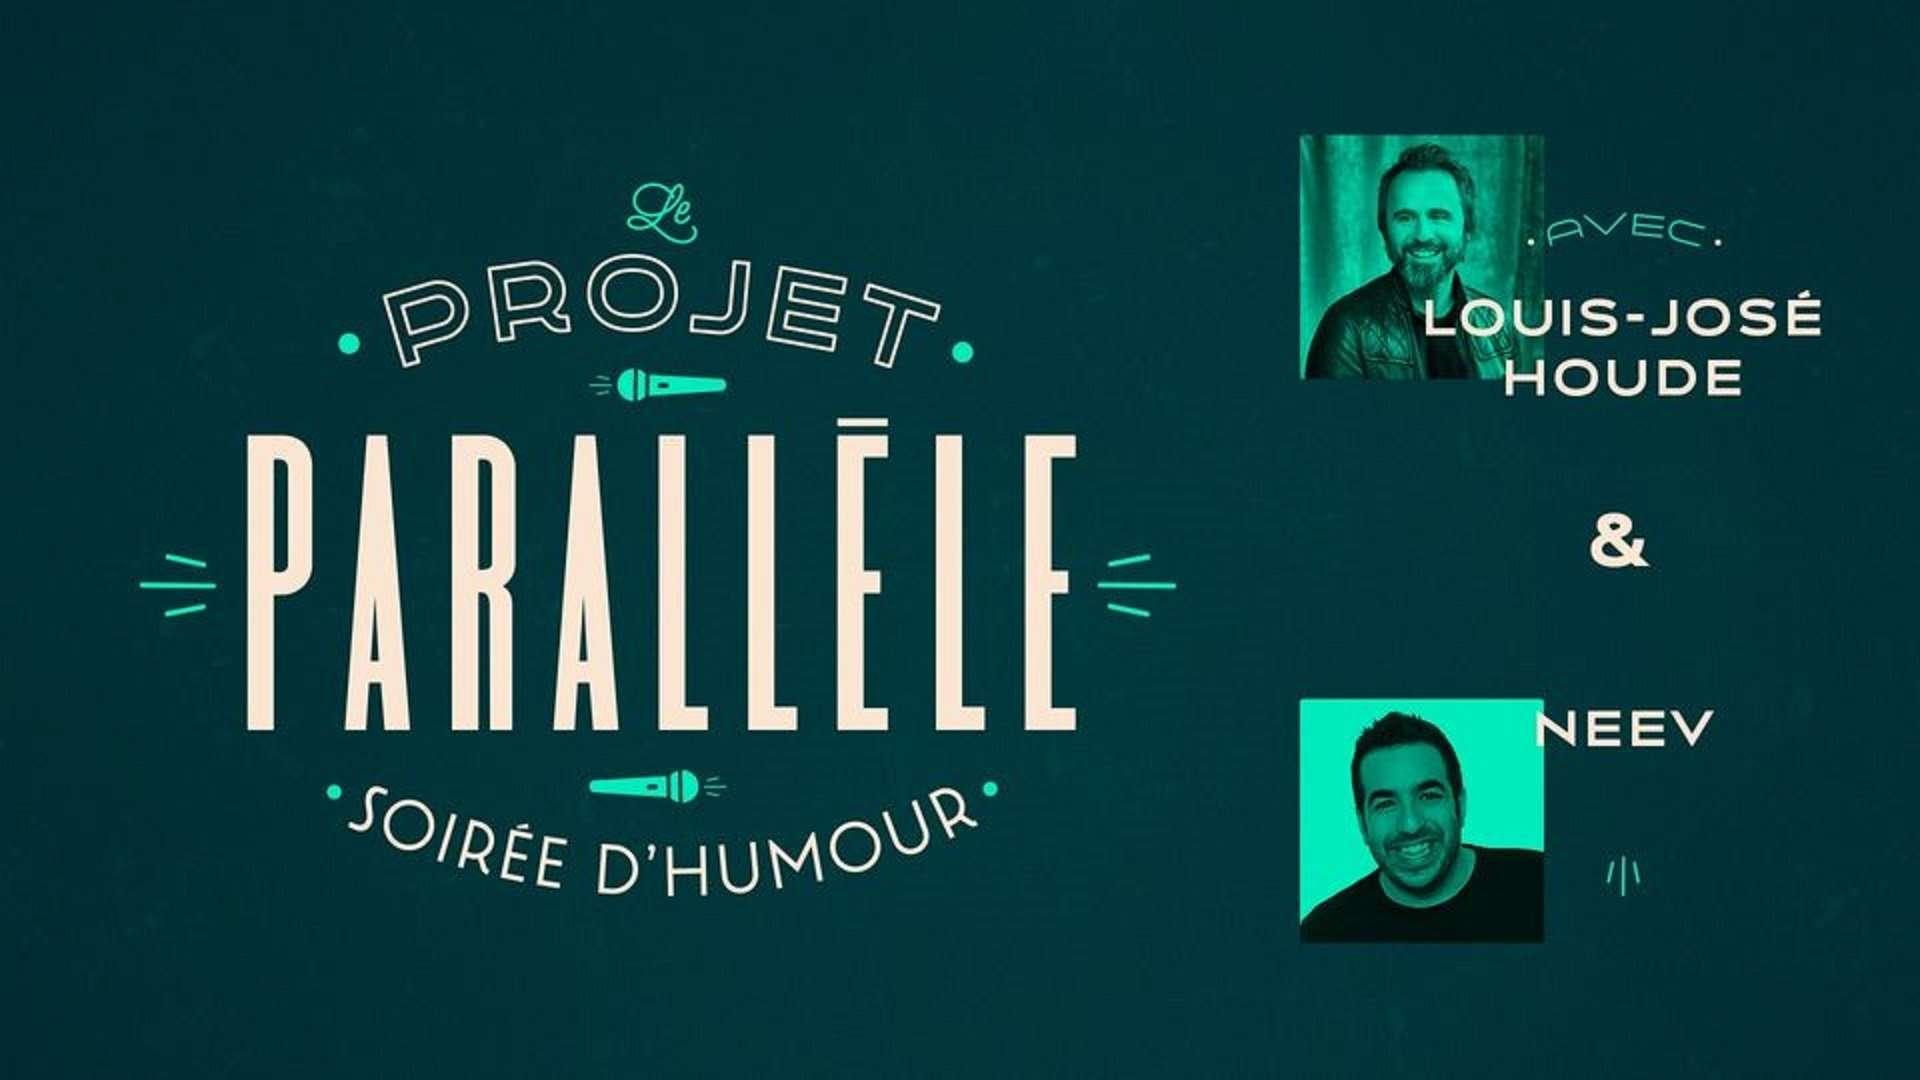 Projet Parallèle: Louis-Josée Houde & neev- Le Vieux Clocher de Magog